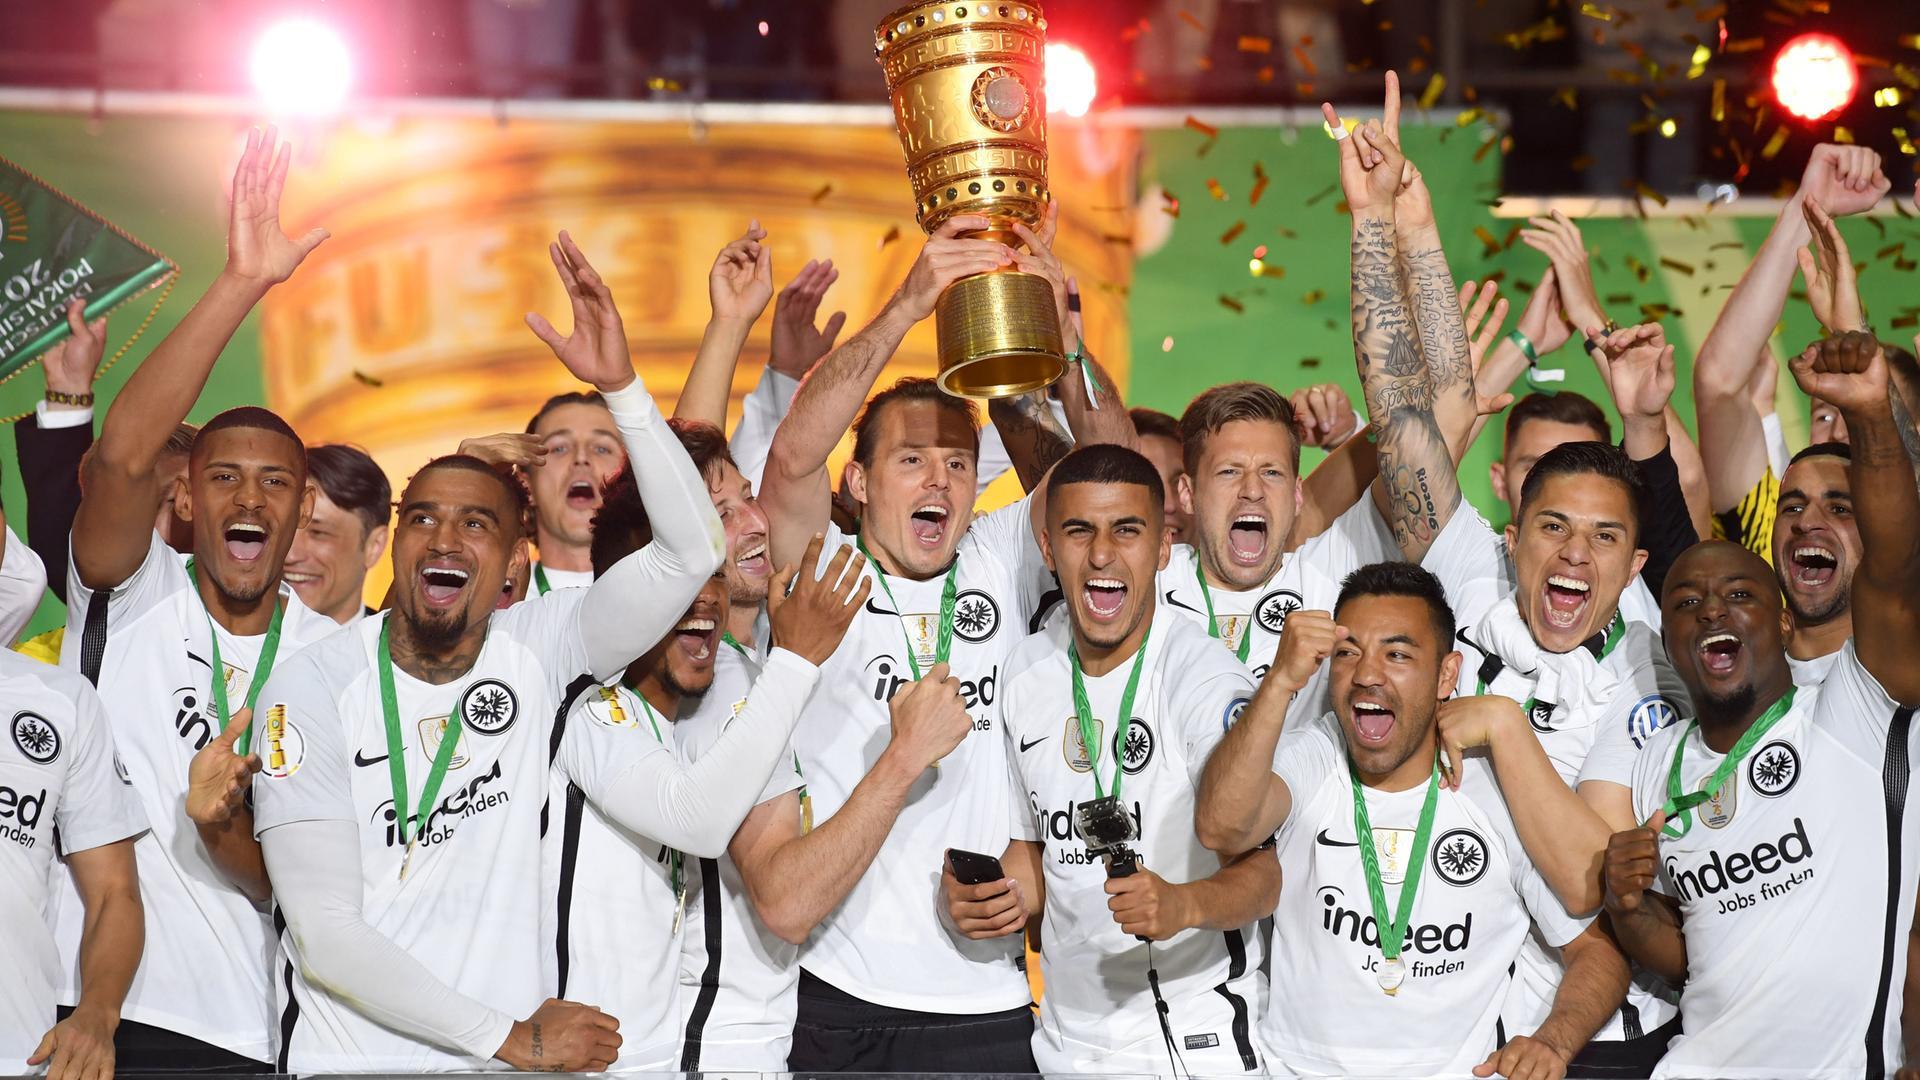 Erste Runde Im Dfb Pokal Bayern In Niedersachsen Eintracht In Ulm